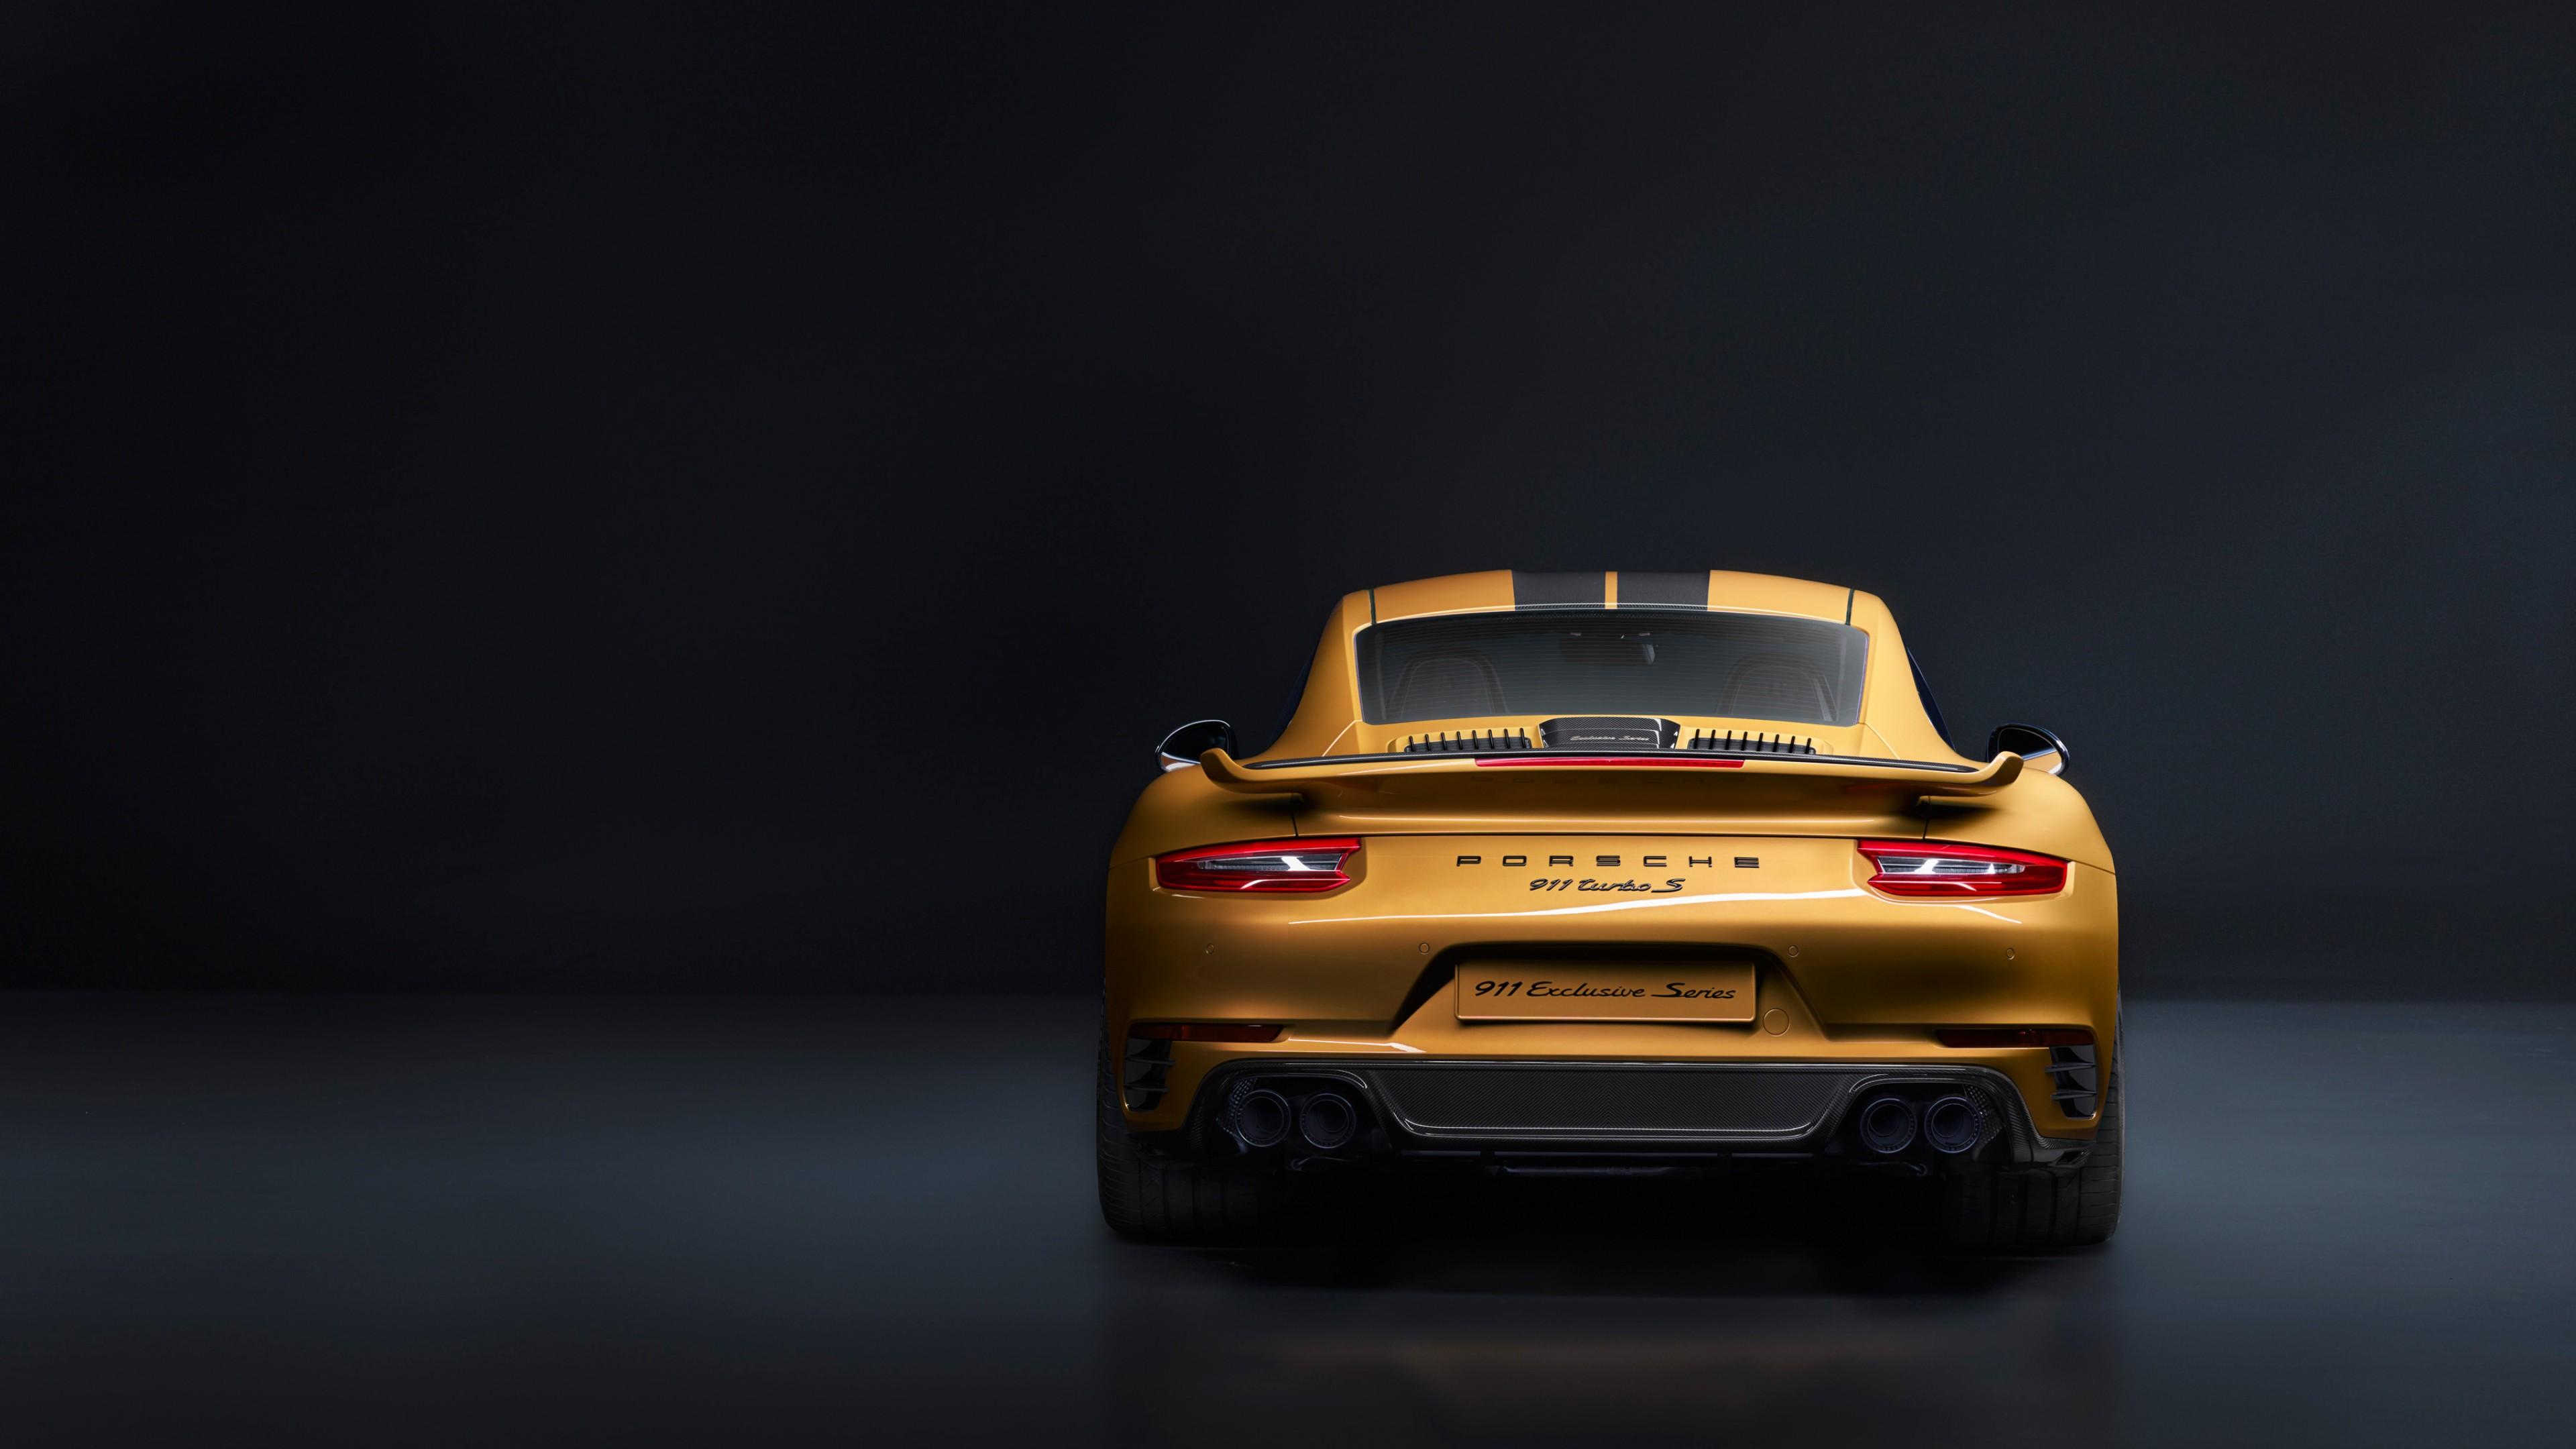 Porsche 911 Turbo S Exclusive Series 4k Wallpaper 3840x2160